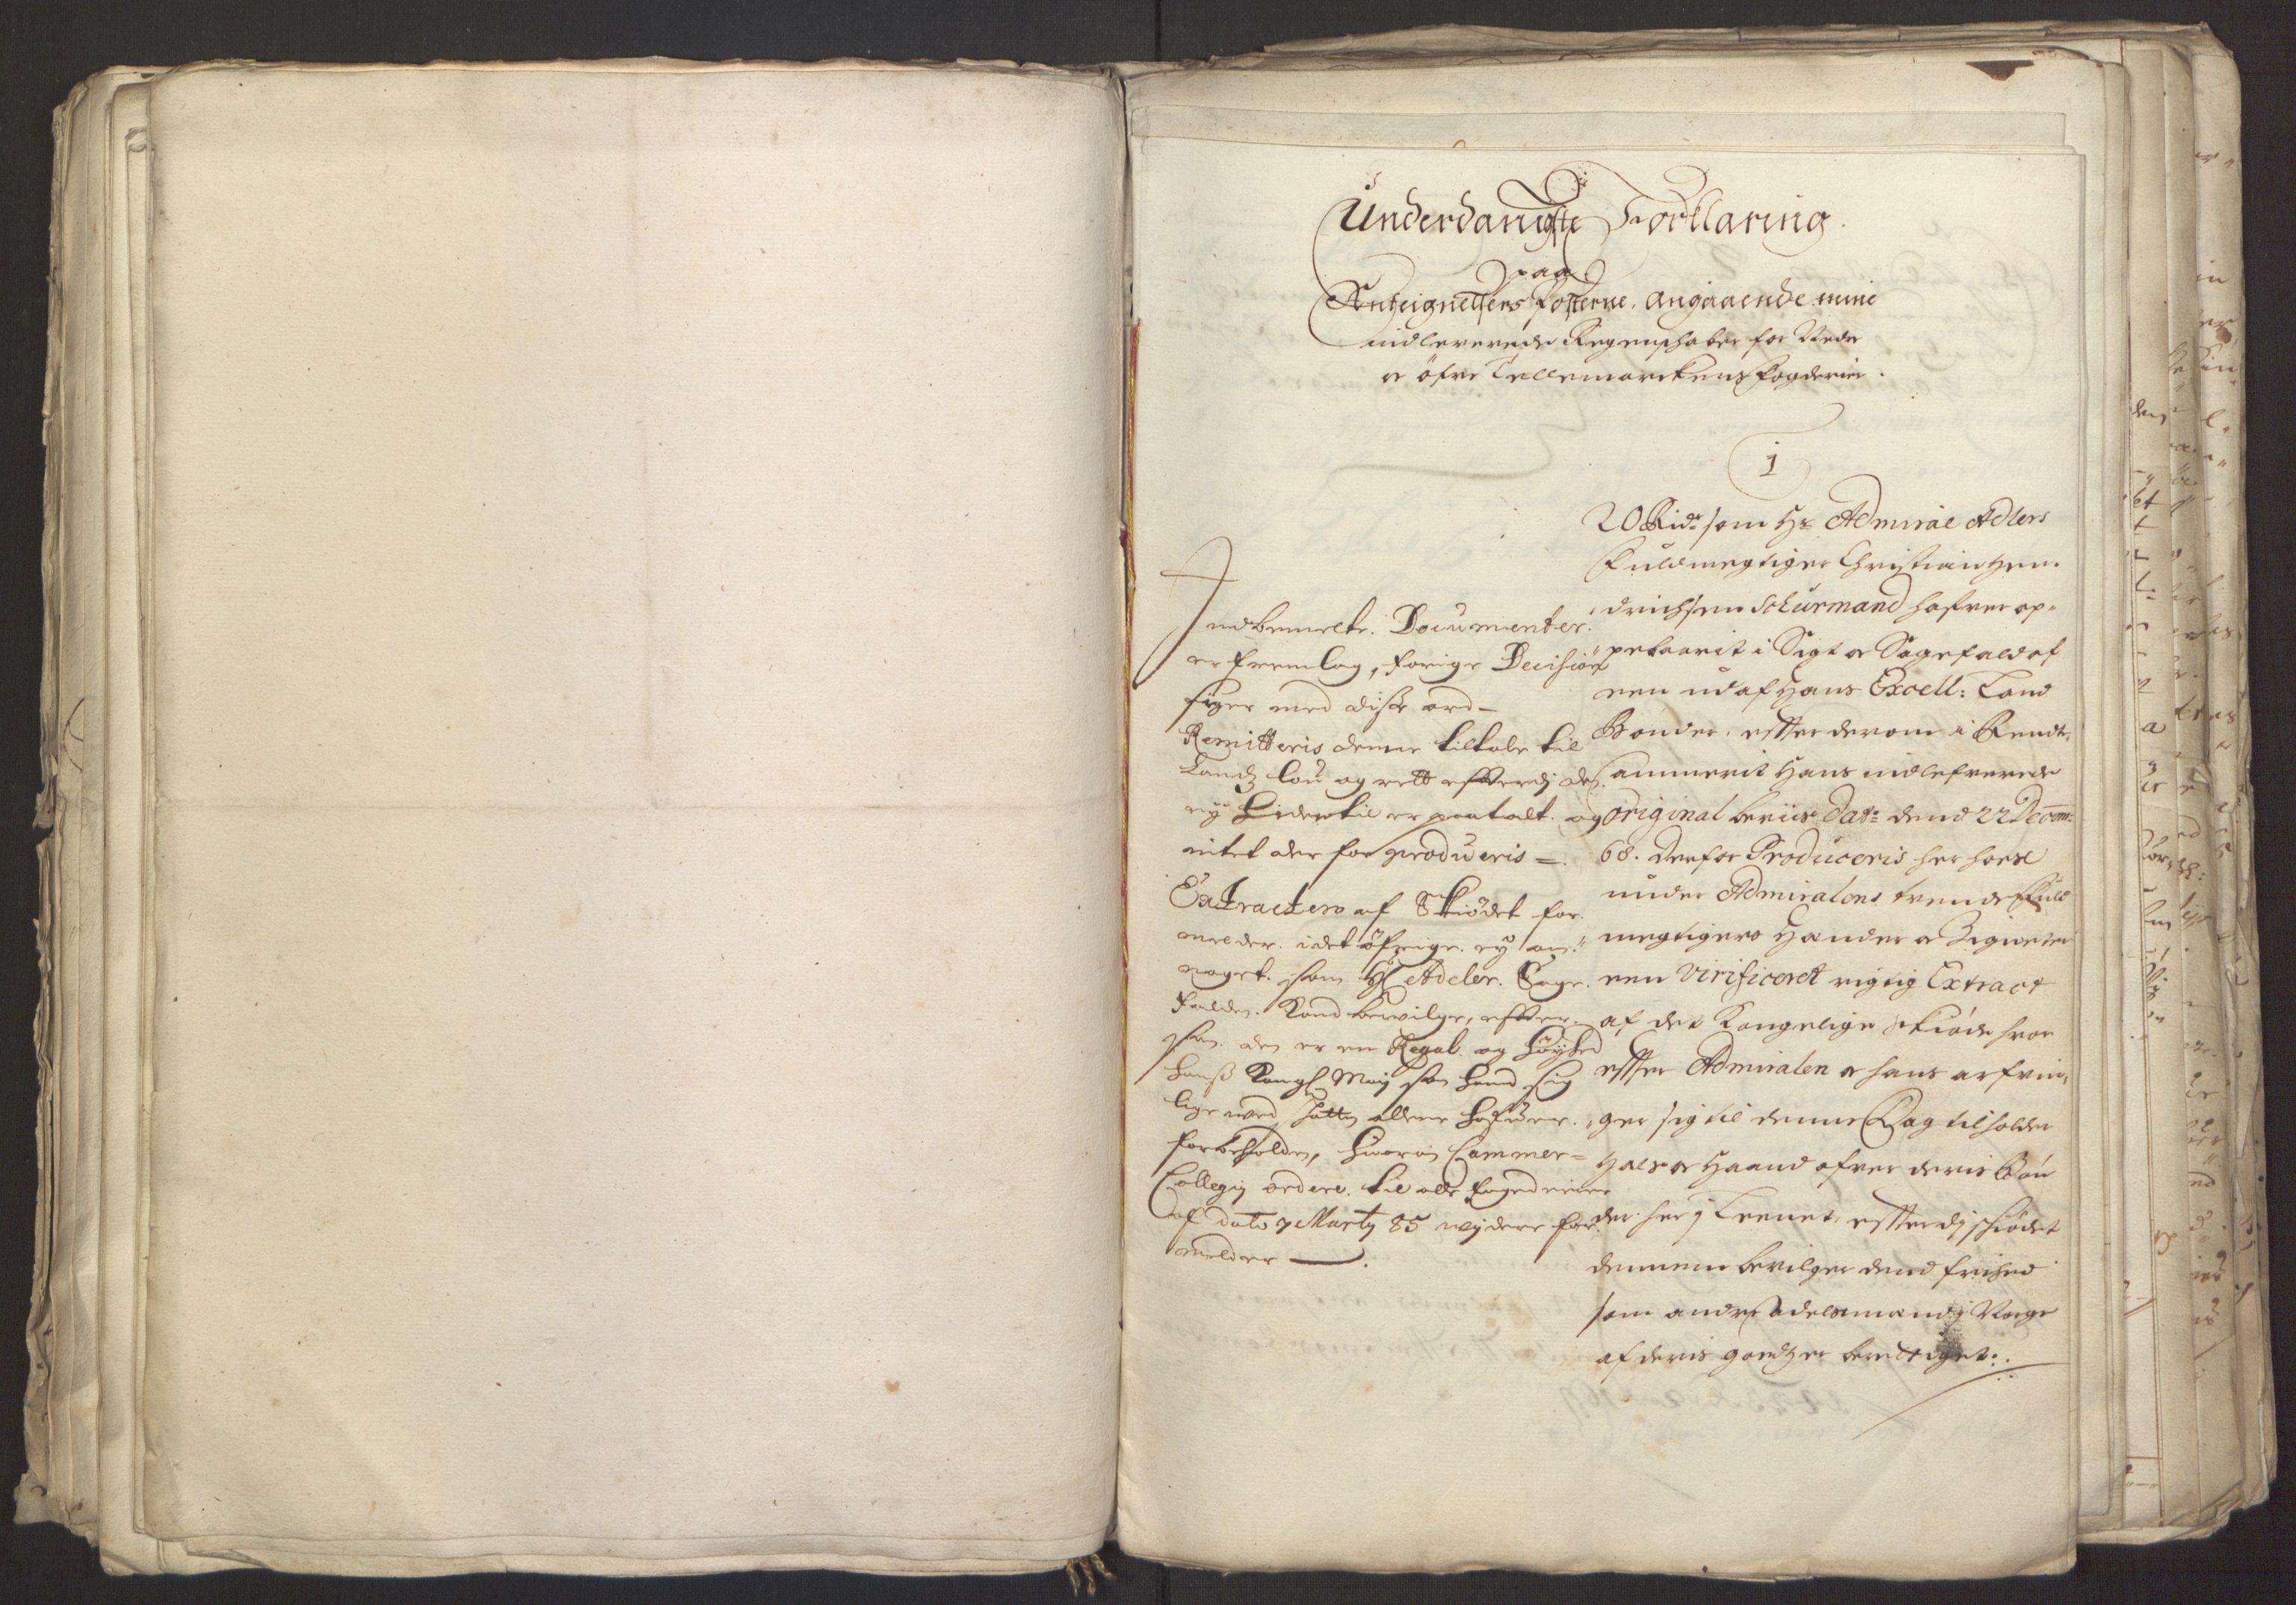 RA, Rentekammeret inntil 1814, Reviderte regnskaper, Fogderegnskap, R35/L2062: Fogderegnskap Øvre og Nedre Telemark, 1674, s. 63